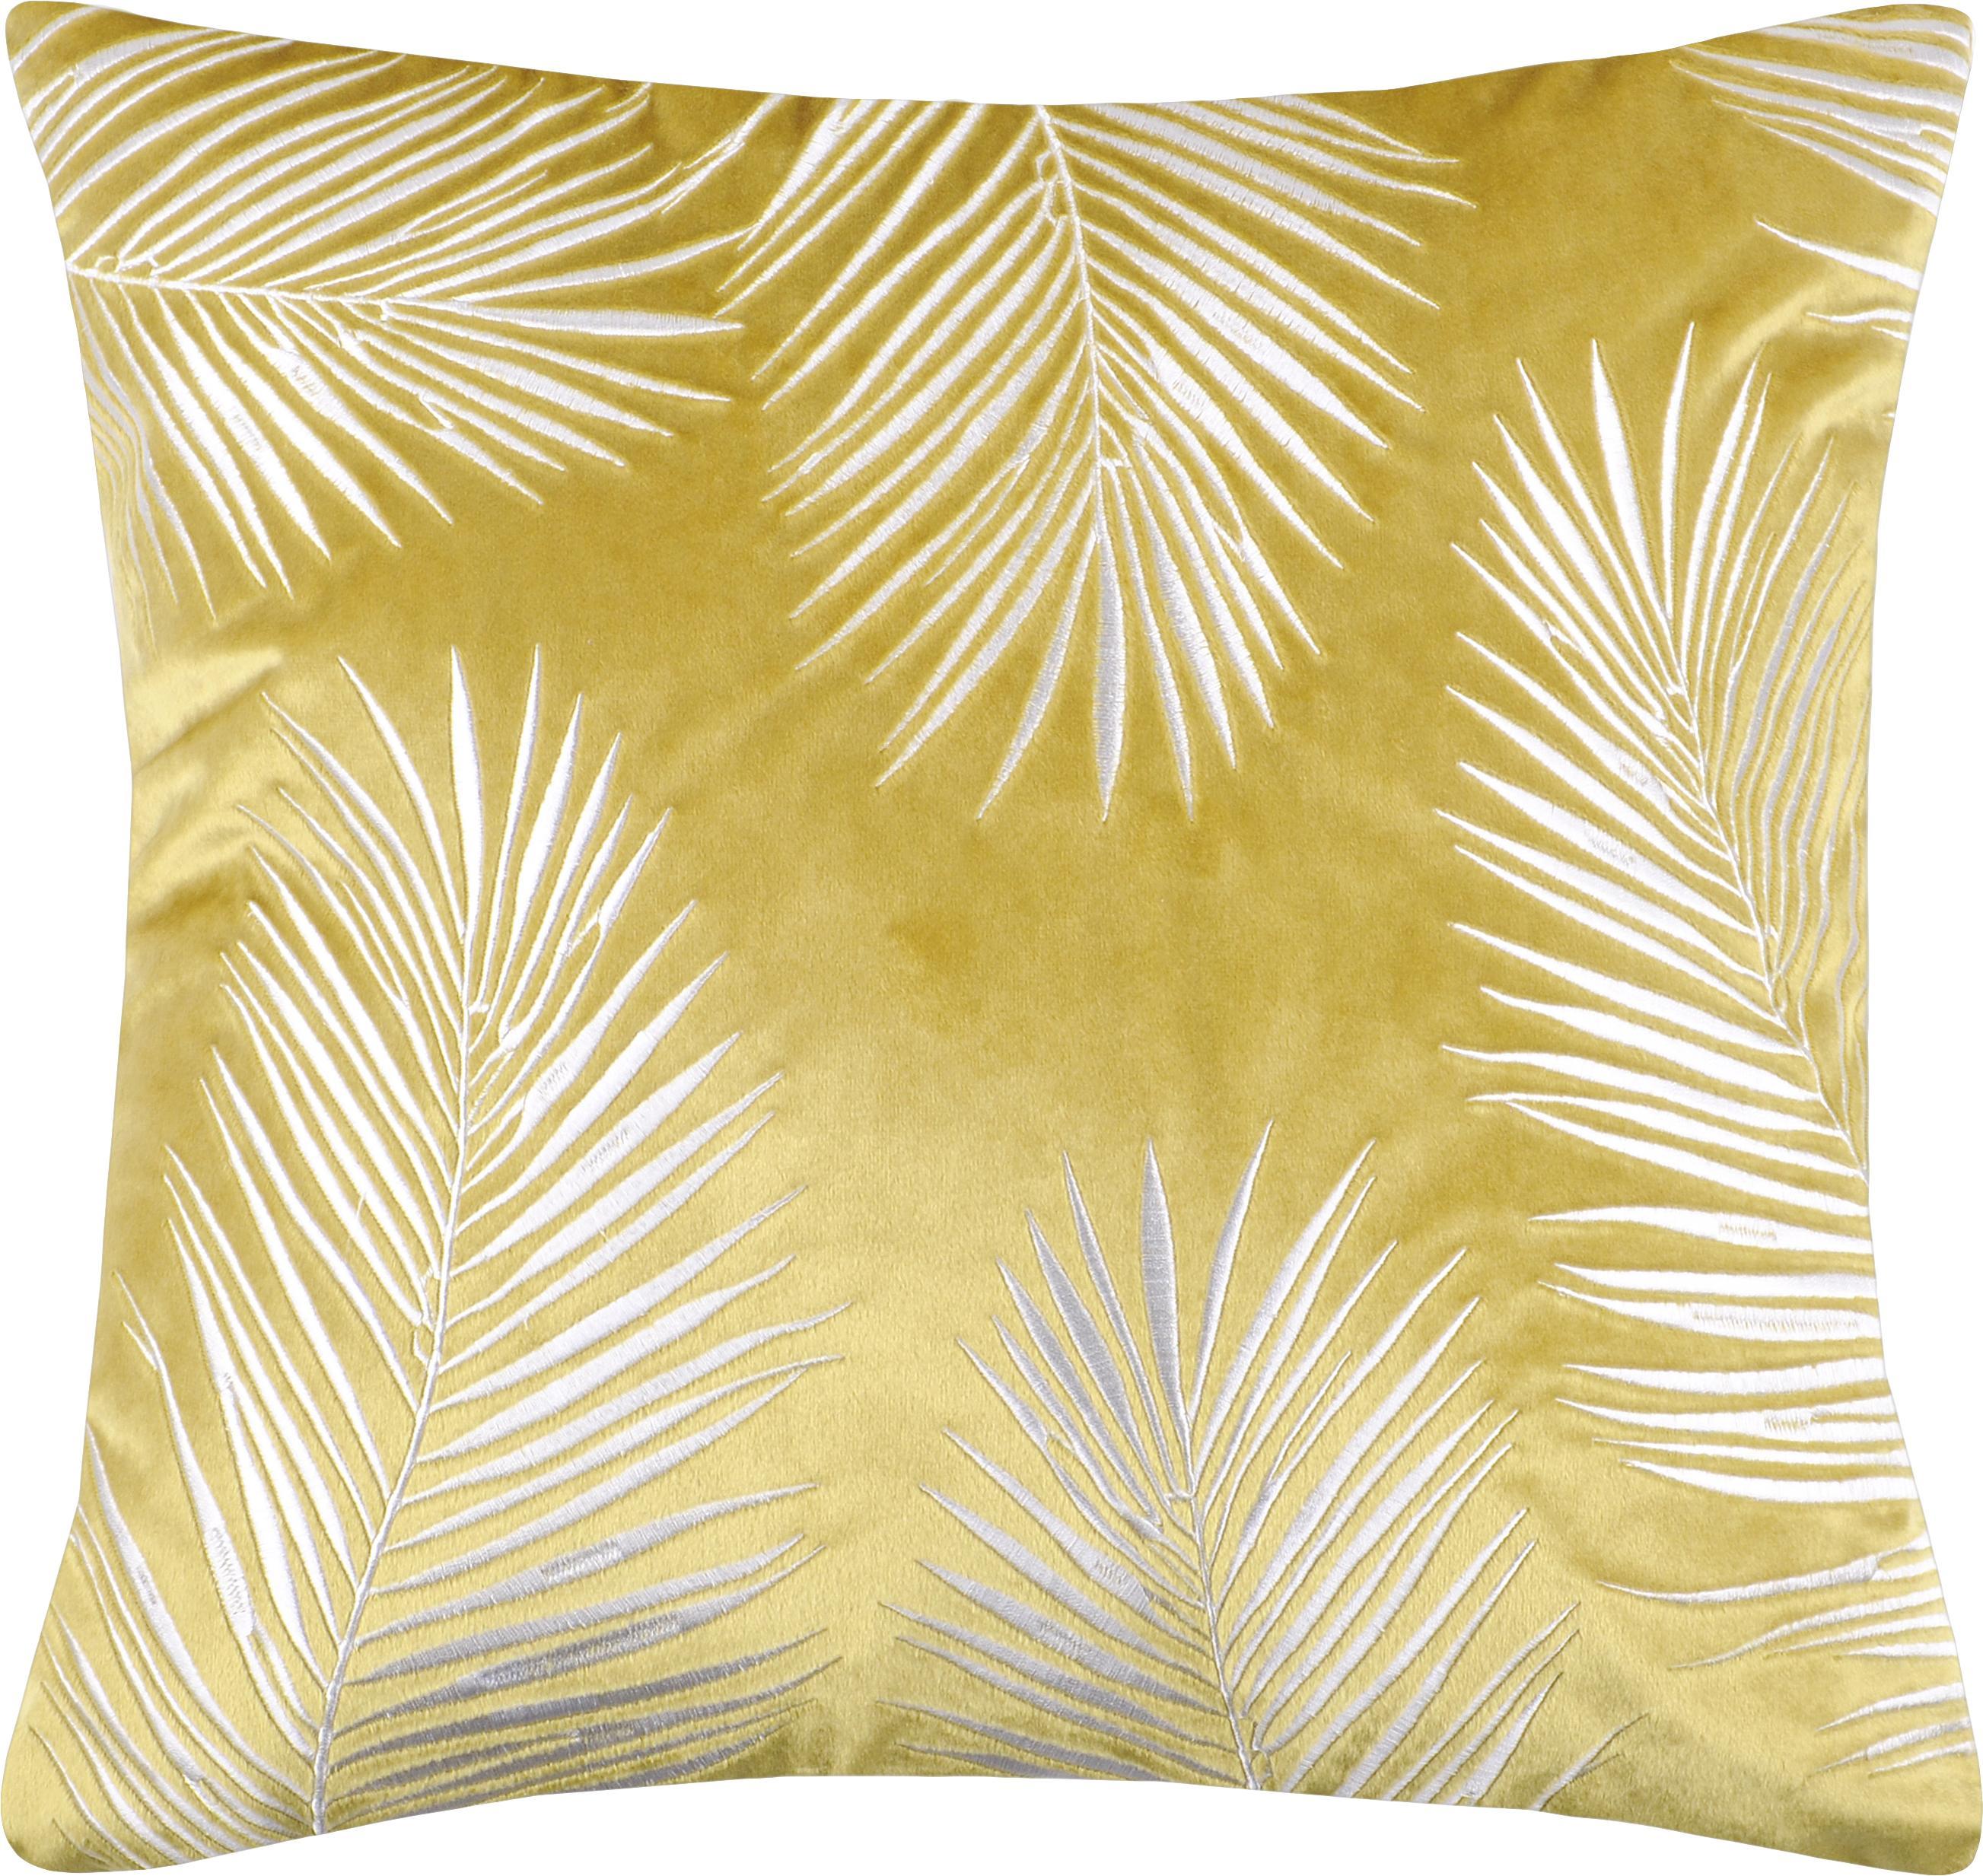 Schimmernde Samt-Kissenhülle Ibarra mit Palmenblatt Stickerei, 100% Polyester, Gelb, Weiß, 45 x 45 cm